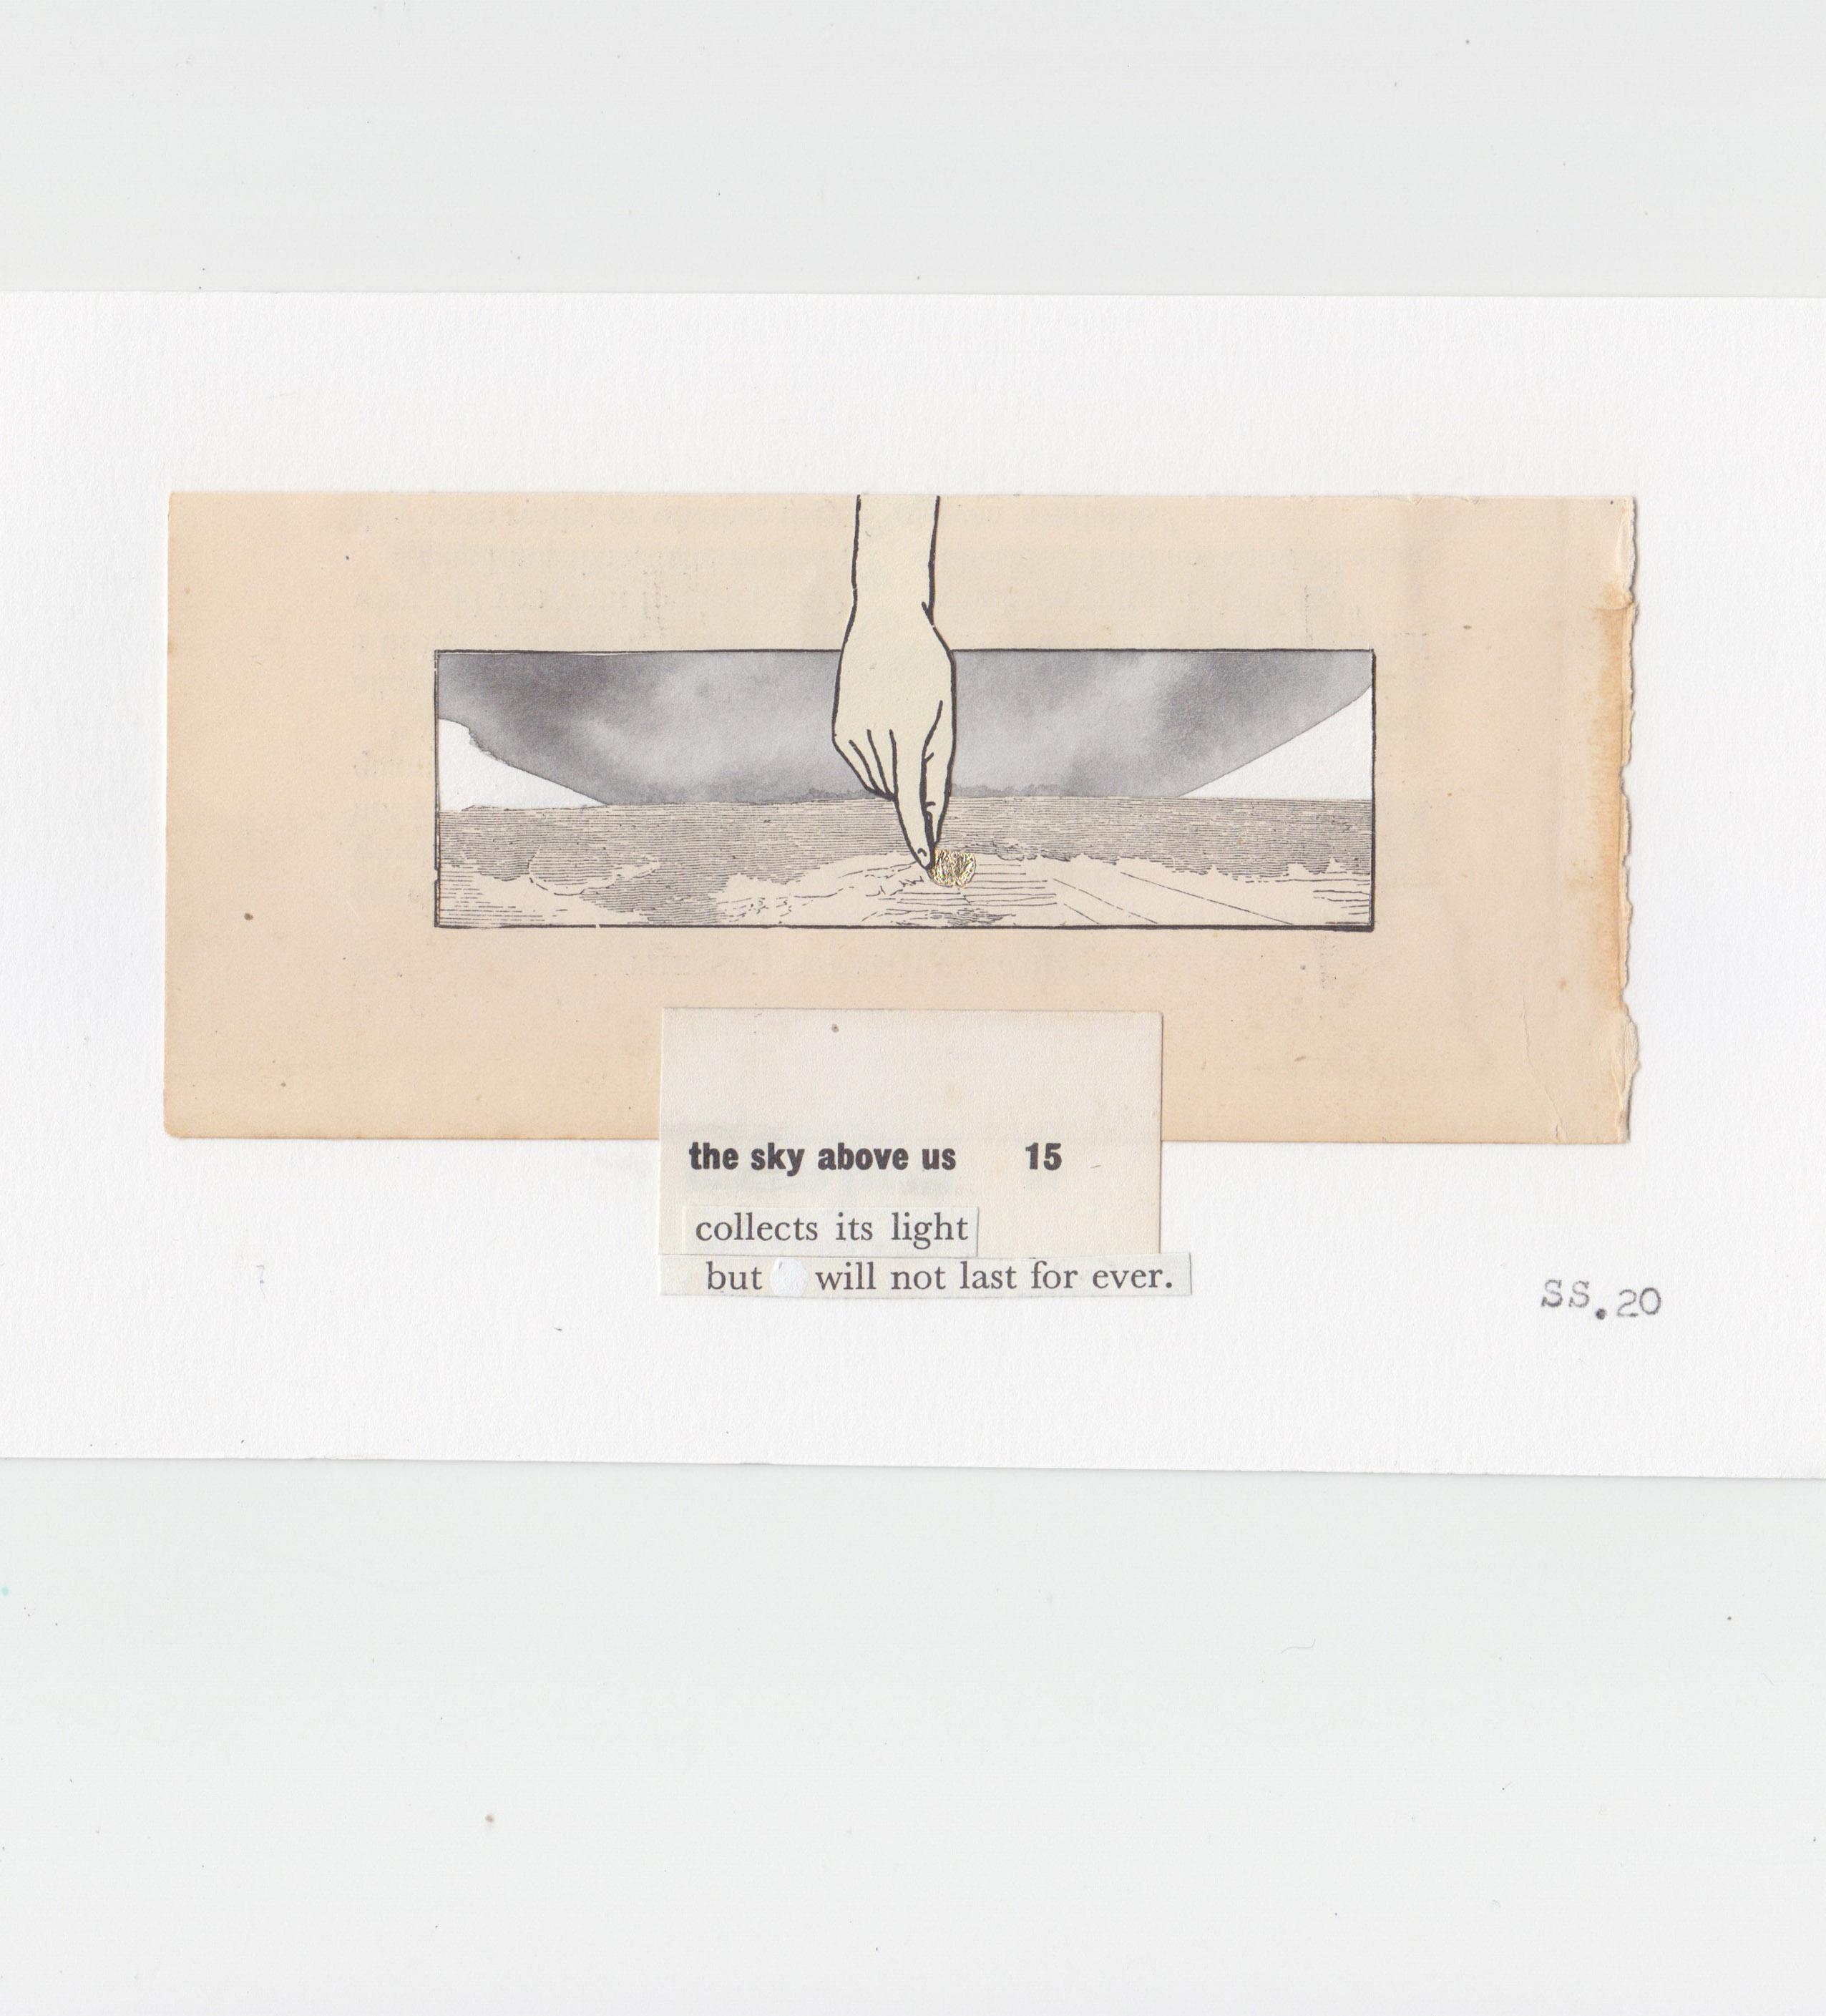 S 1.14 - 18x11 cm